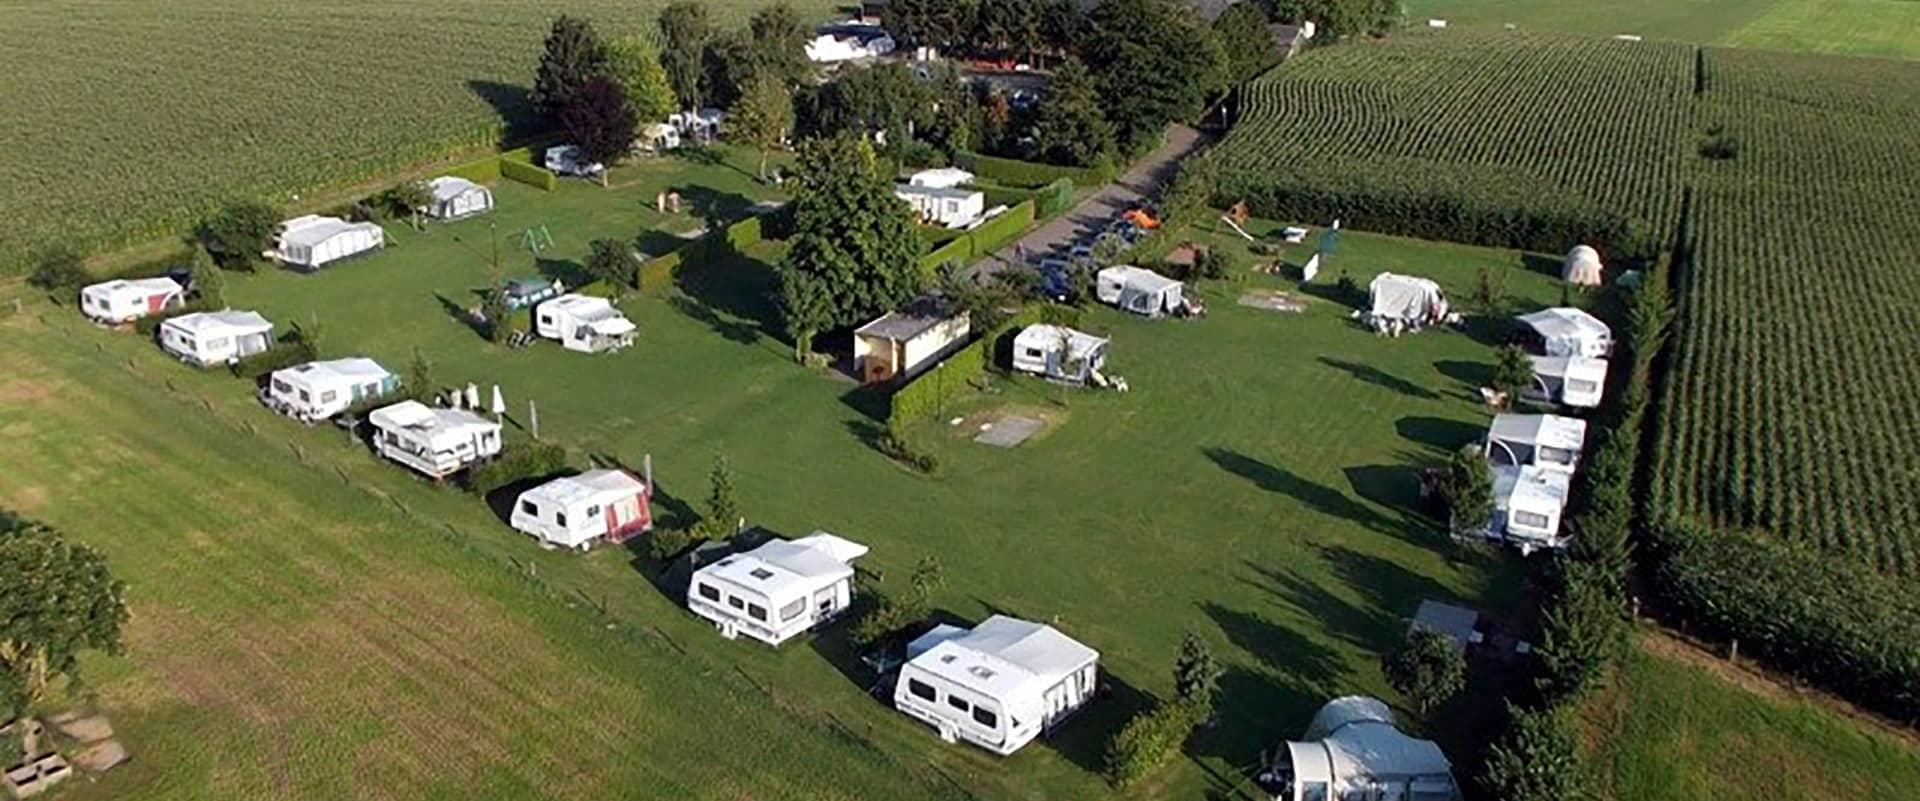 Reserveren header 1 - camping de prinsenhoeve